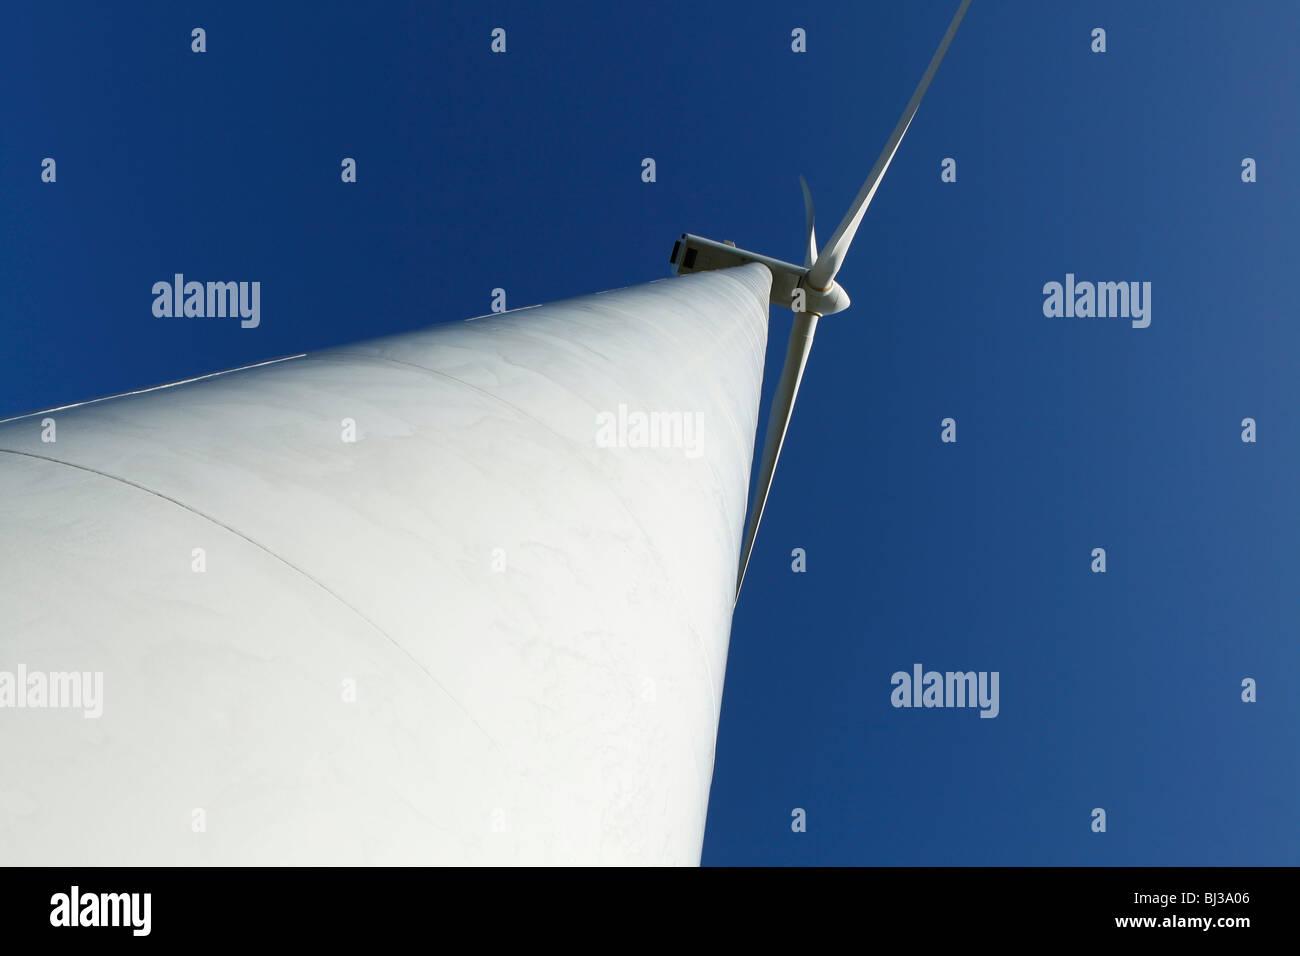 Une éolienne contre un ciel bleu clair. Super pour l'énergie et de l'environnement thèmes. Photo Stock